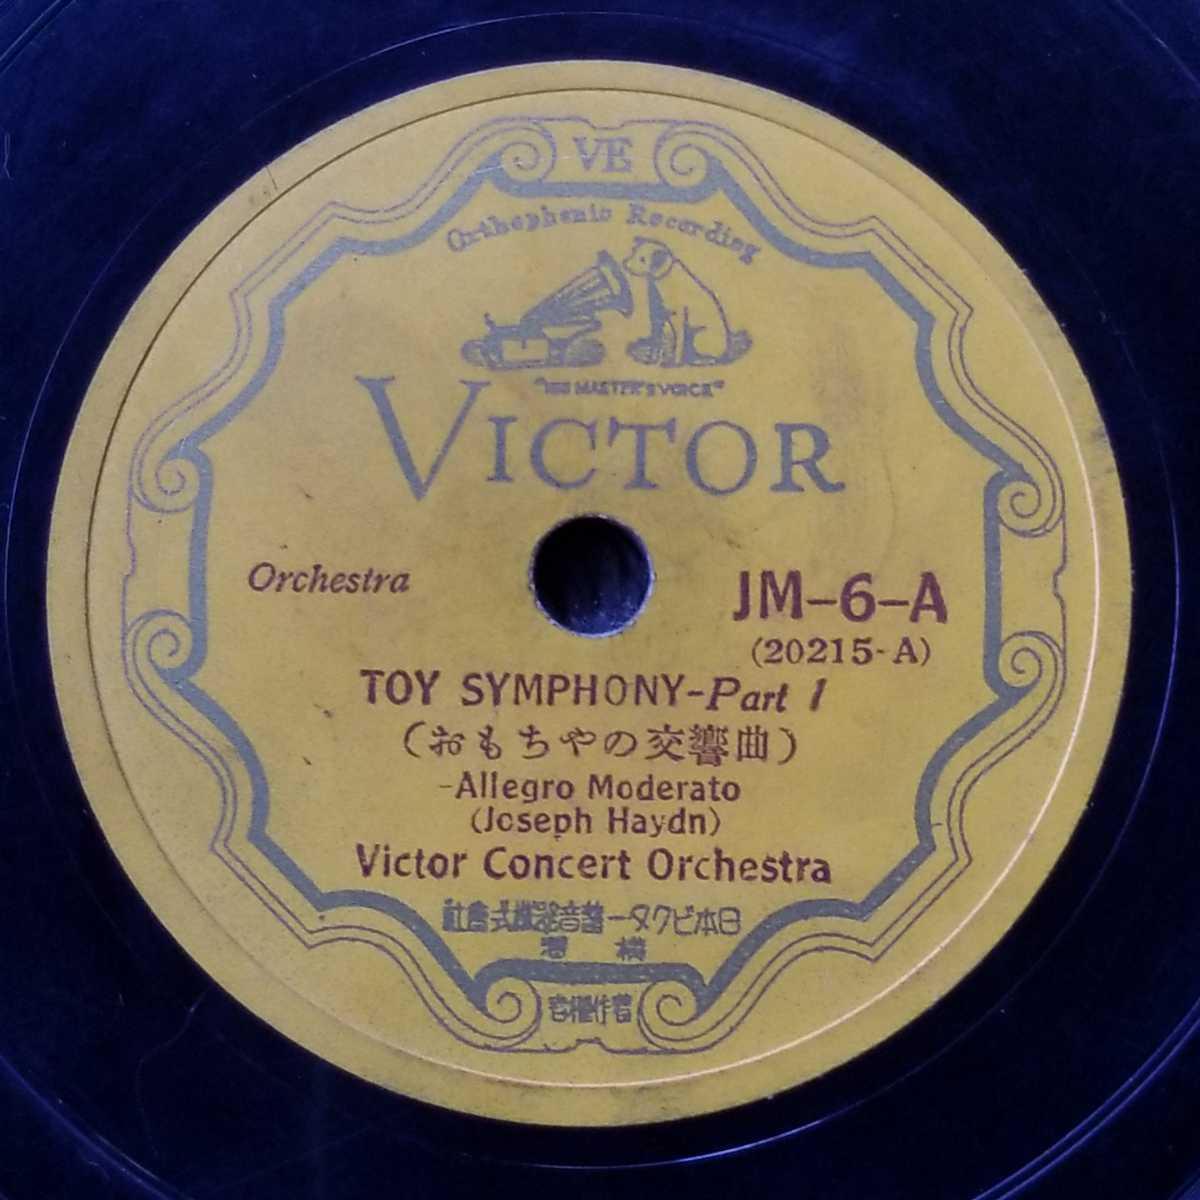 ビクター おもちゃの交響曲 上下 蓄音機SPレコード盤10インチ (25cm)※200_画像1